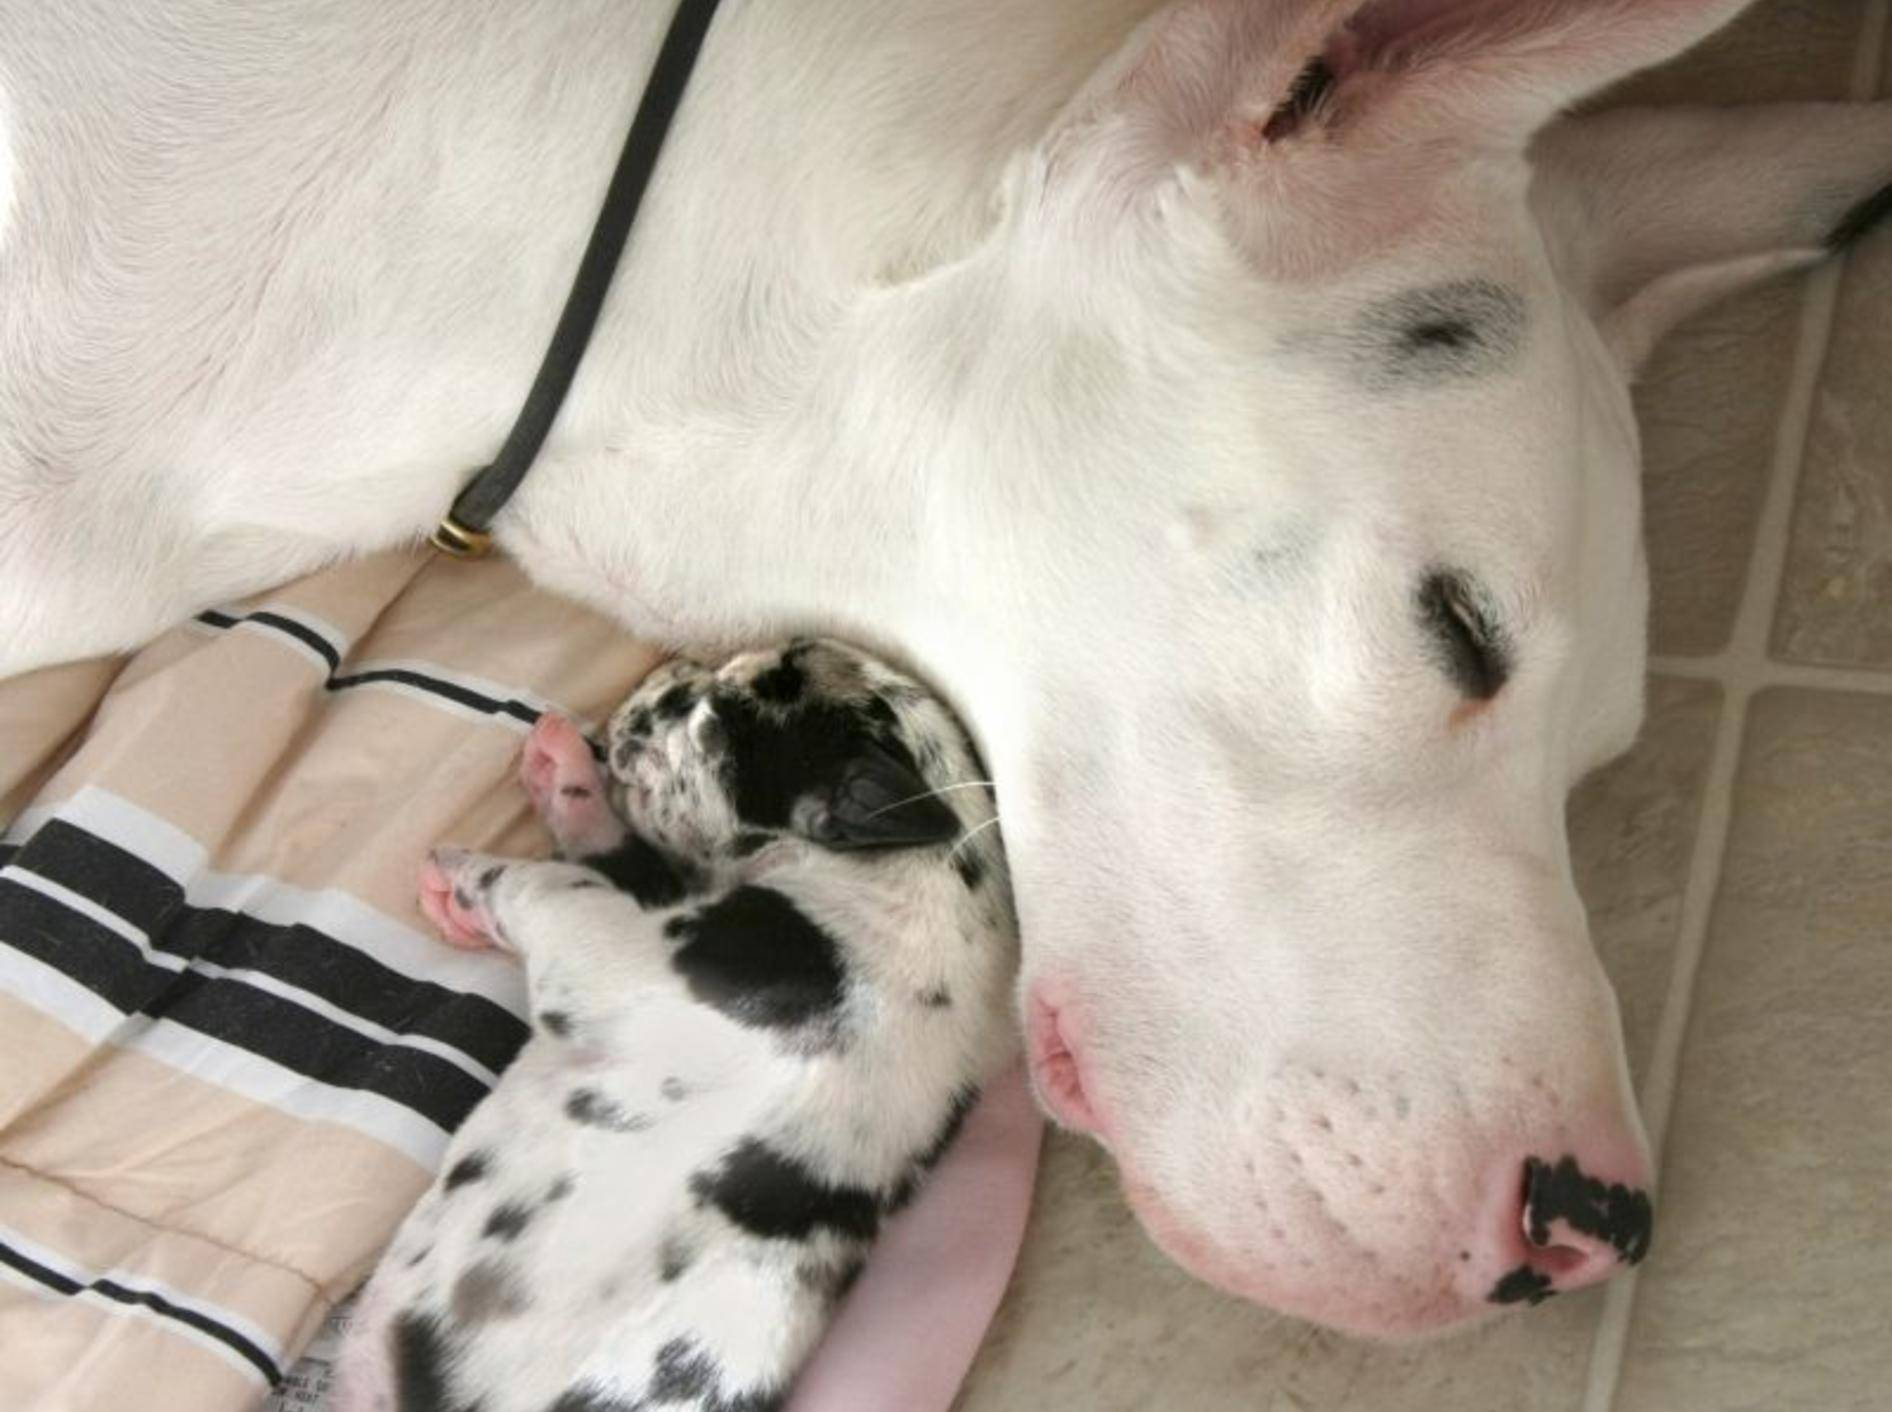 Der Kleinste macht den Anfang: Ein Deutsche-Doggen-Welpe kuschelt mit seiner Mama – Bild: Shutterstock / Photohunter